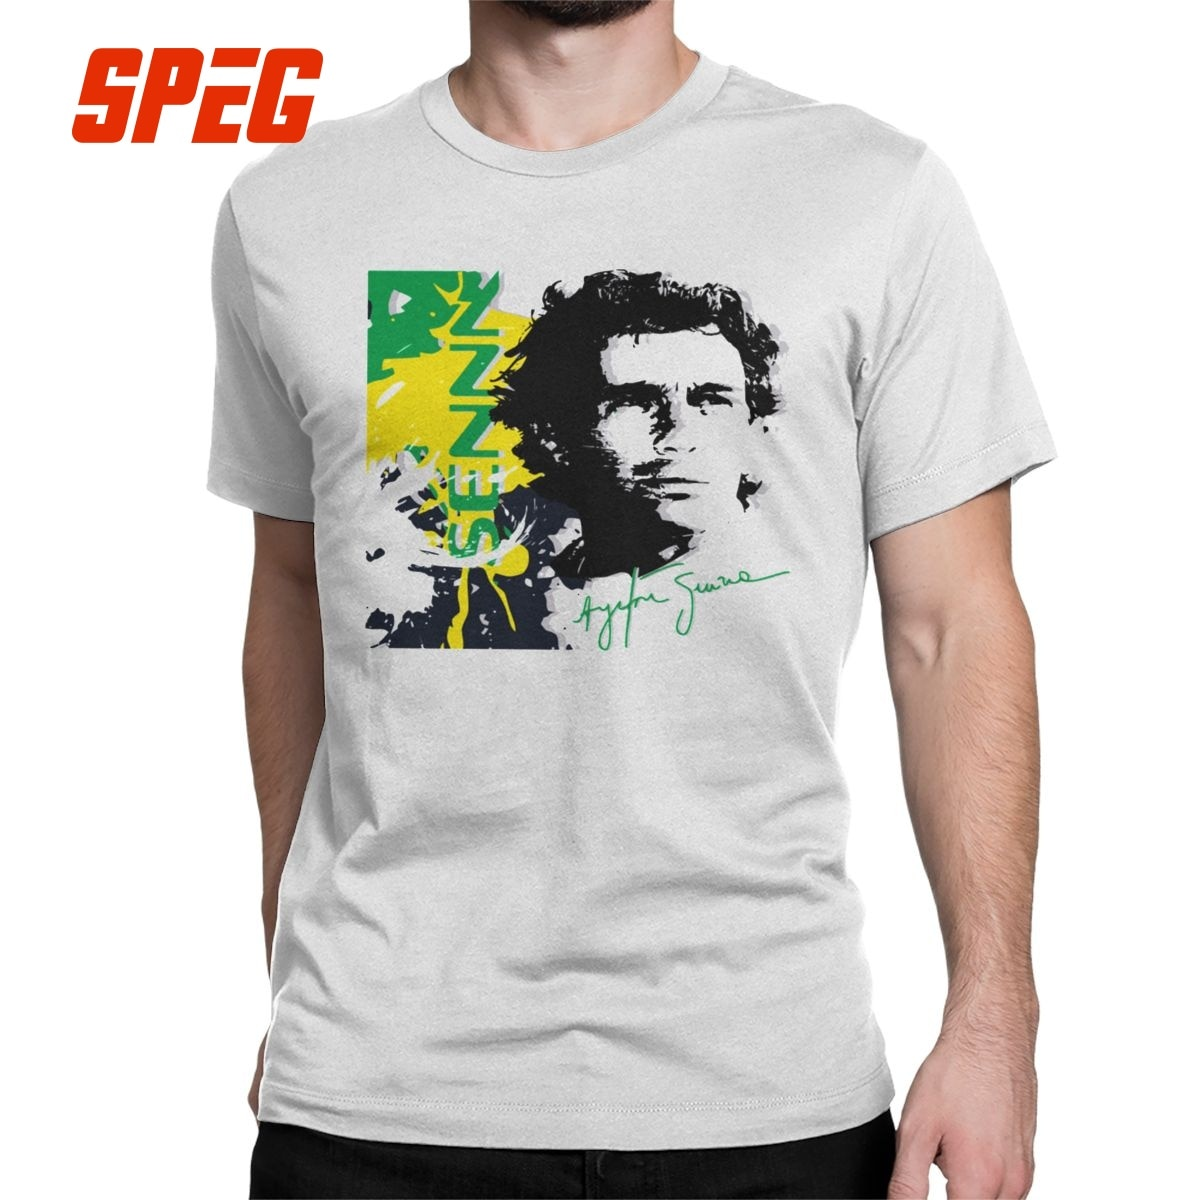 camisetas-ayrton-senna-racing-para-hombre-camisa-de-algodon-impresionante-camisetas-de-manga-corta-tops-de-cuello-redondo-regalo-de-cumpleanos